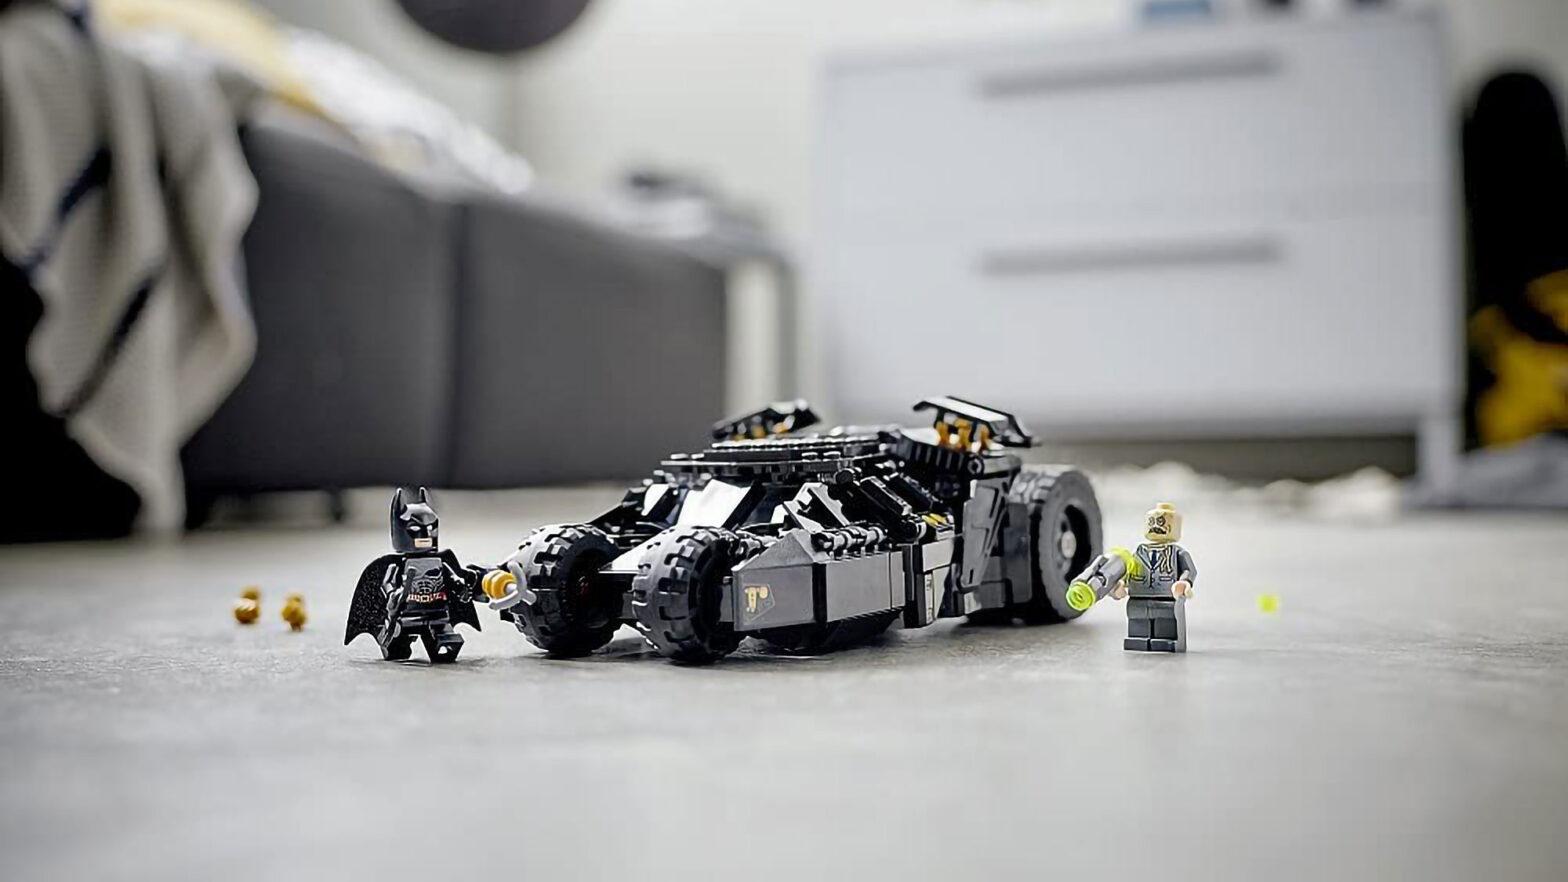 LEGO 76240 Batmobile Tumbler